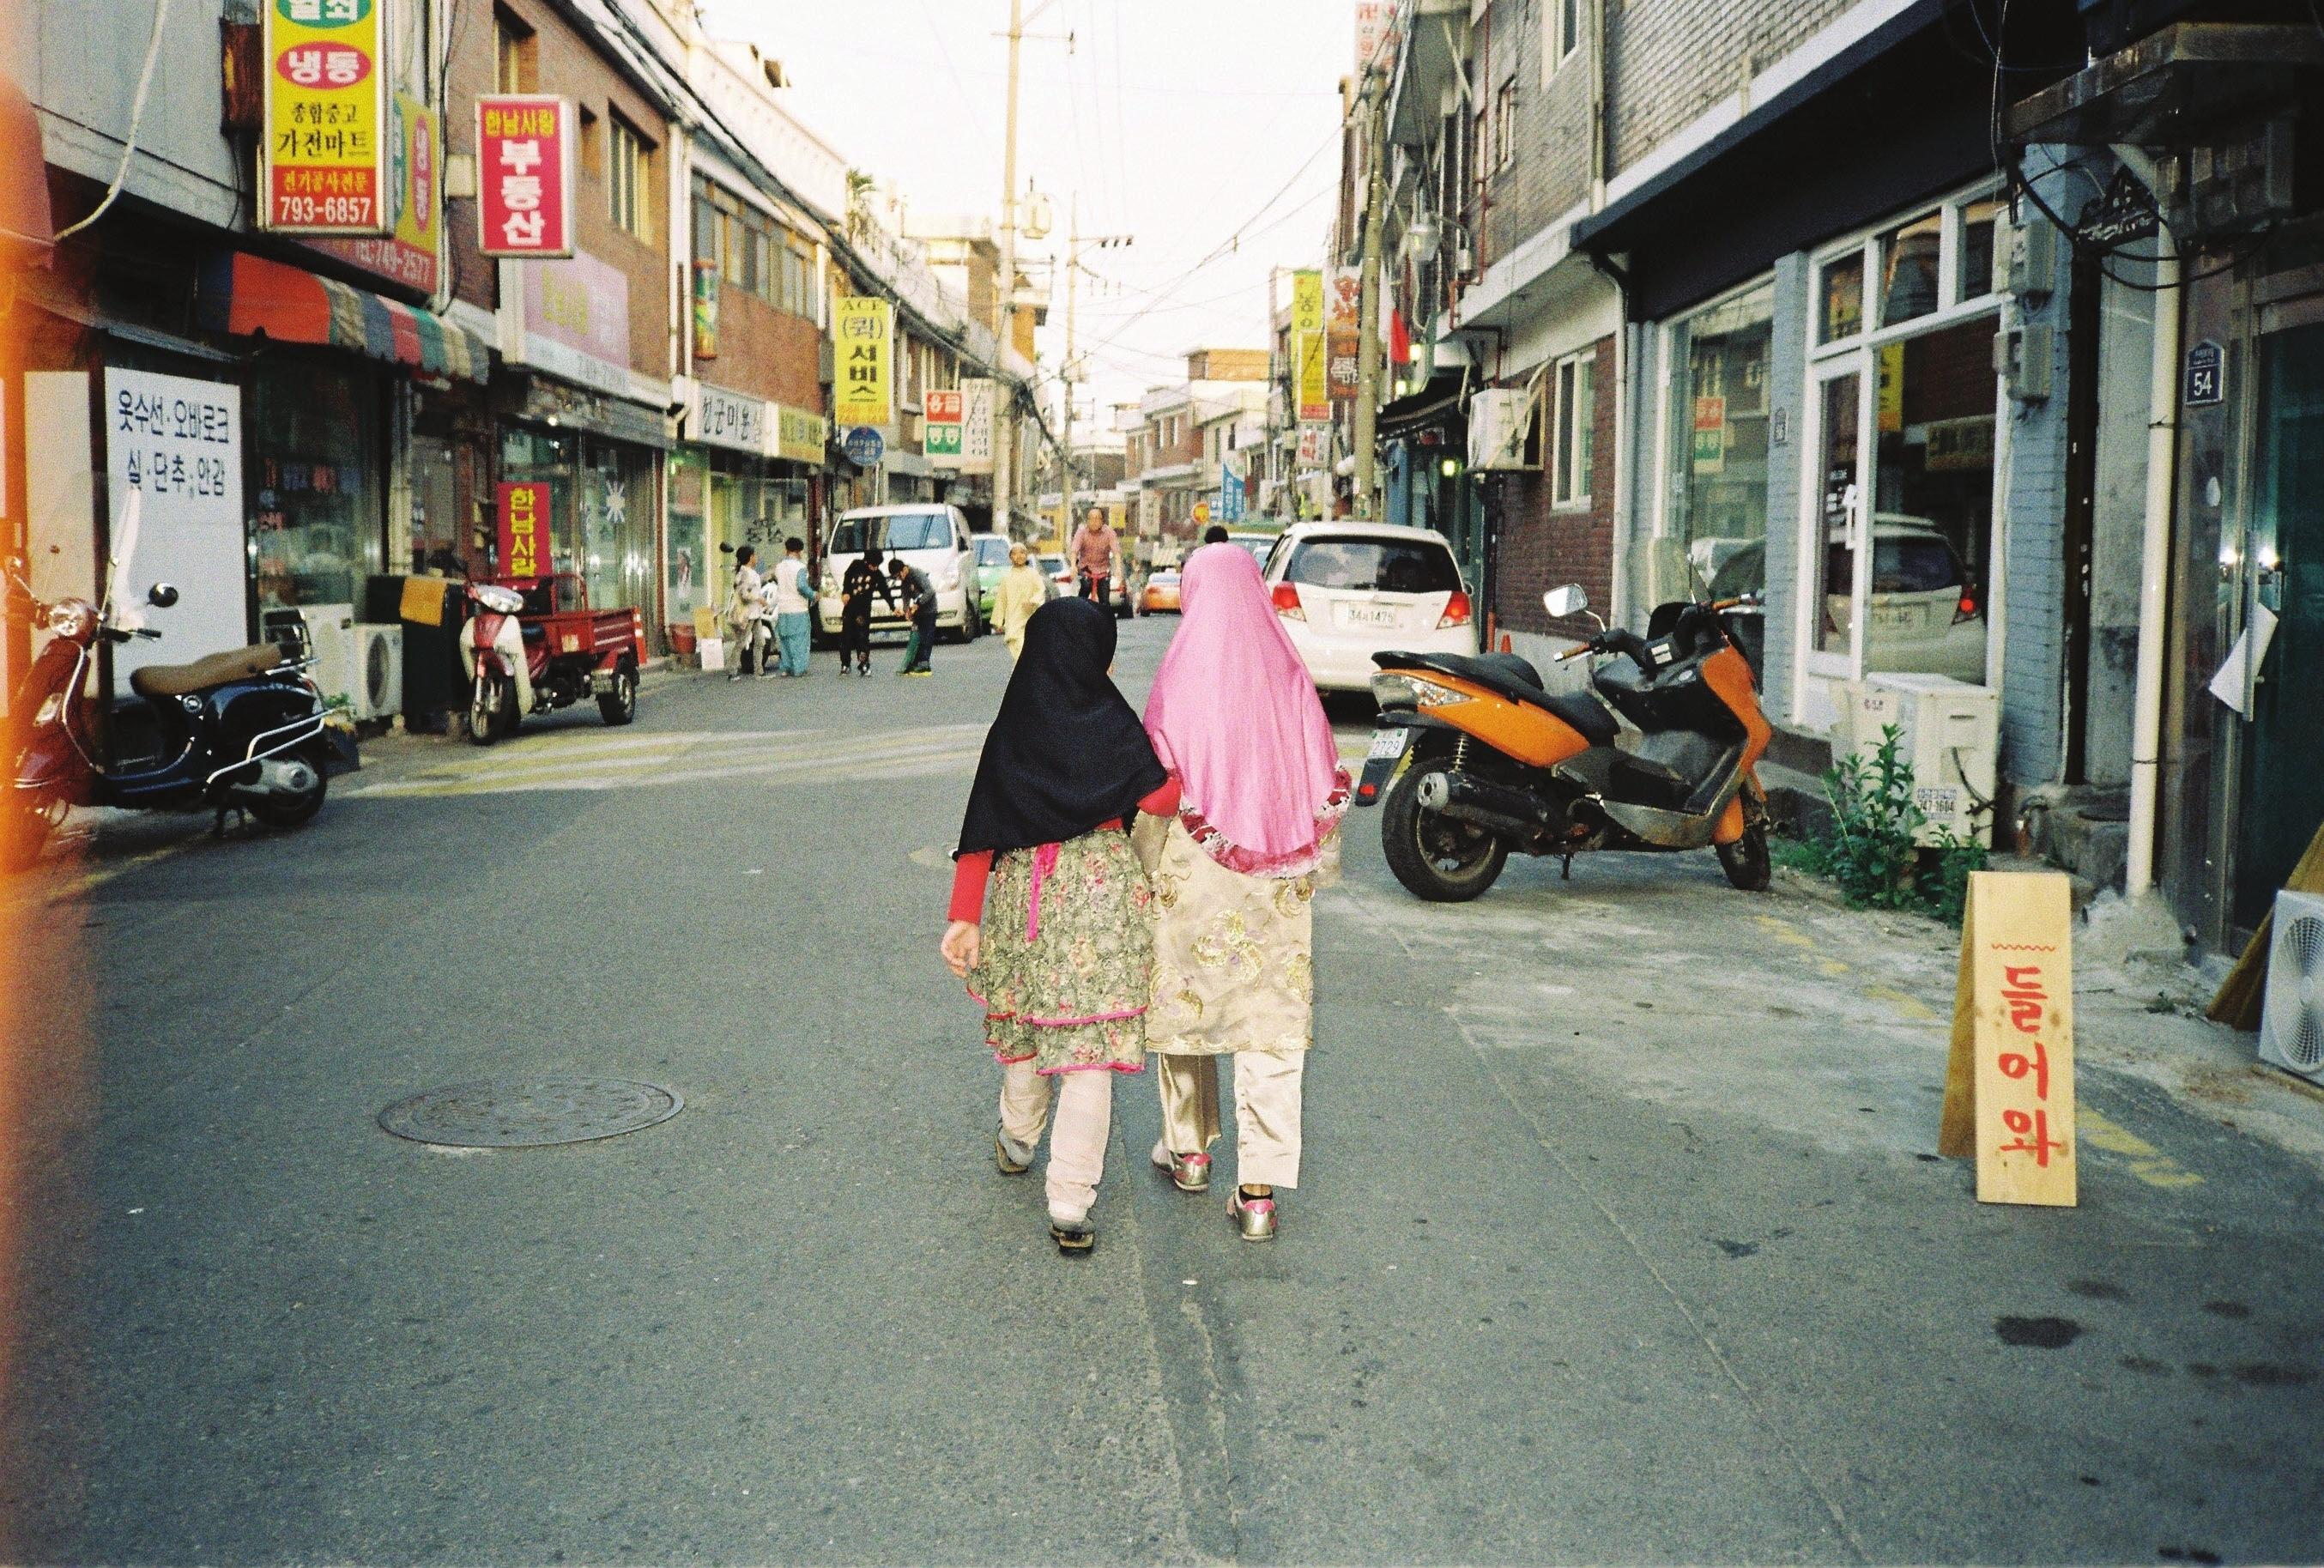 Usandan-ro Muslim city